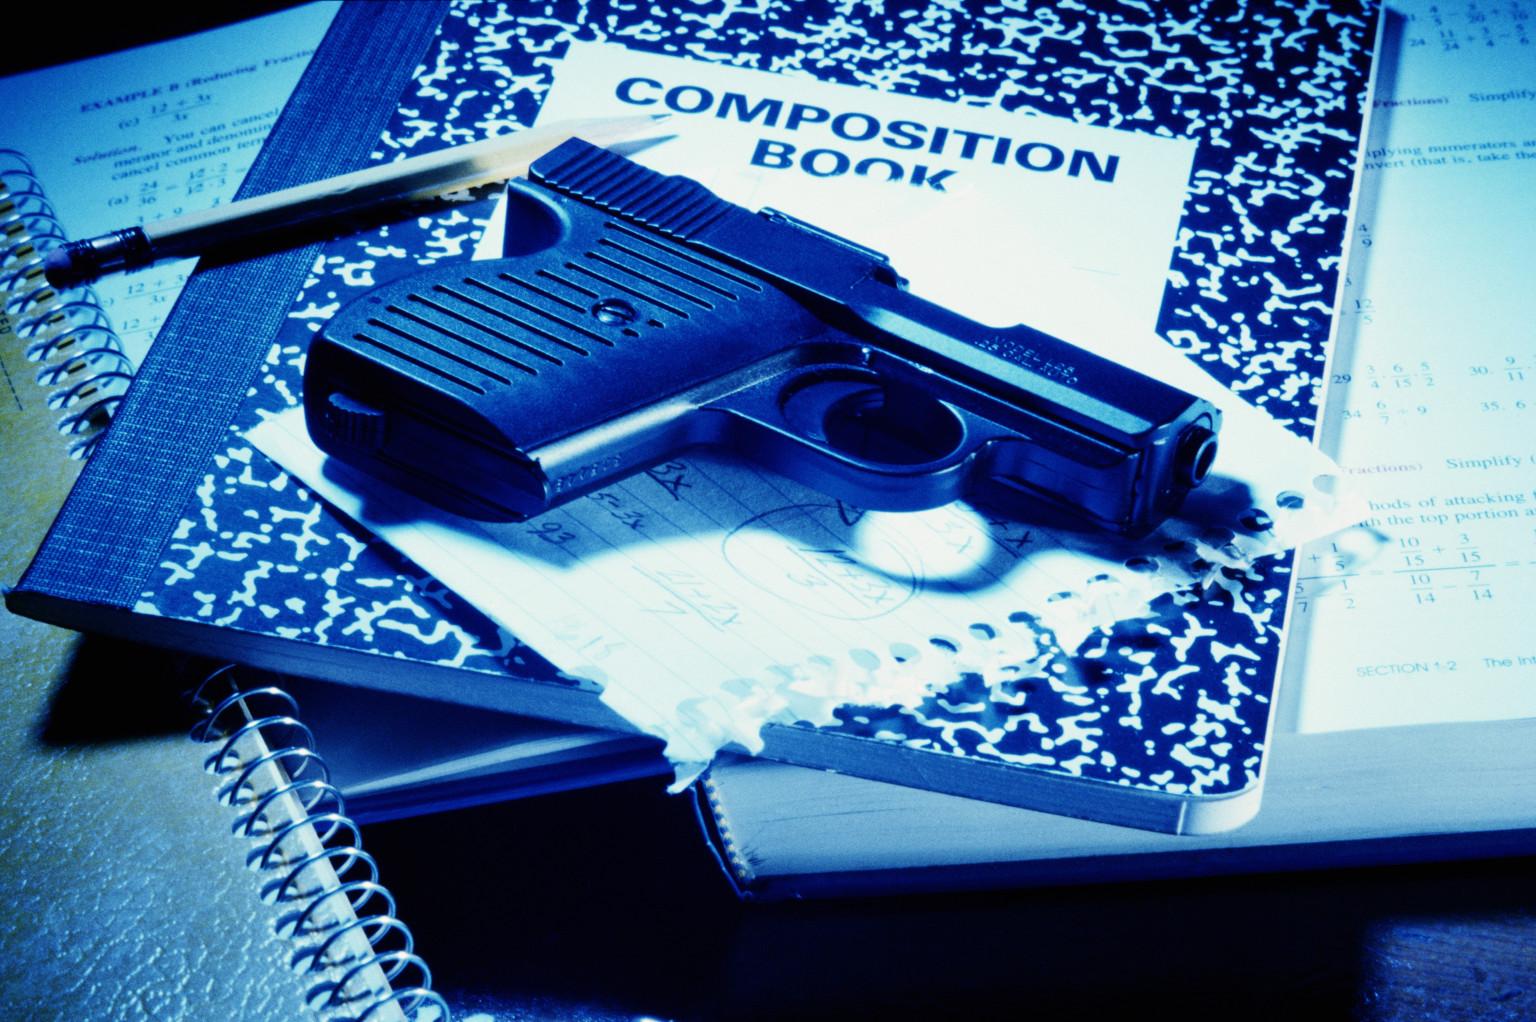 H.B.,DanFlynn,Texas,TeacherProtectionAct,guns,school,